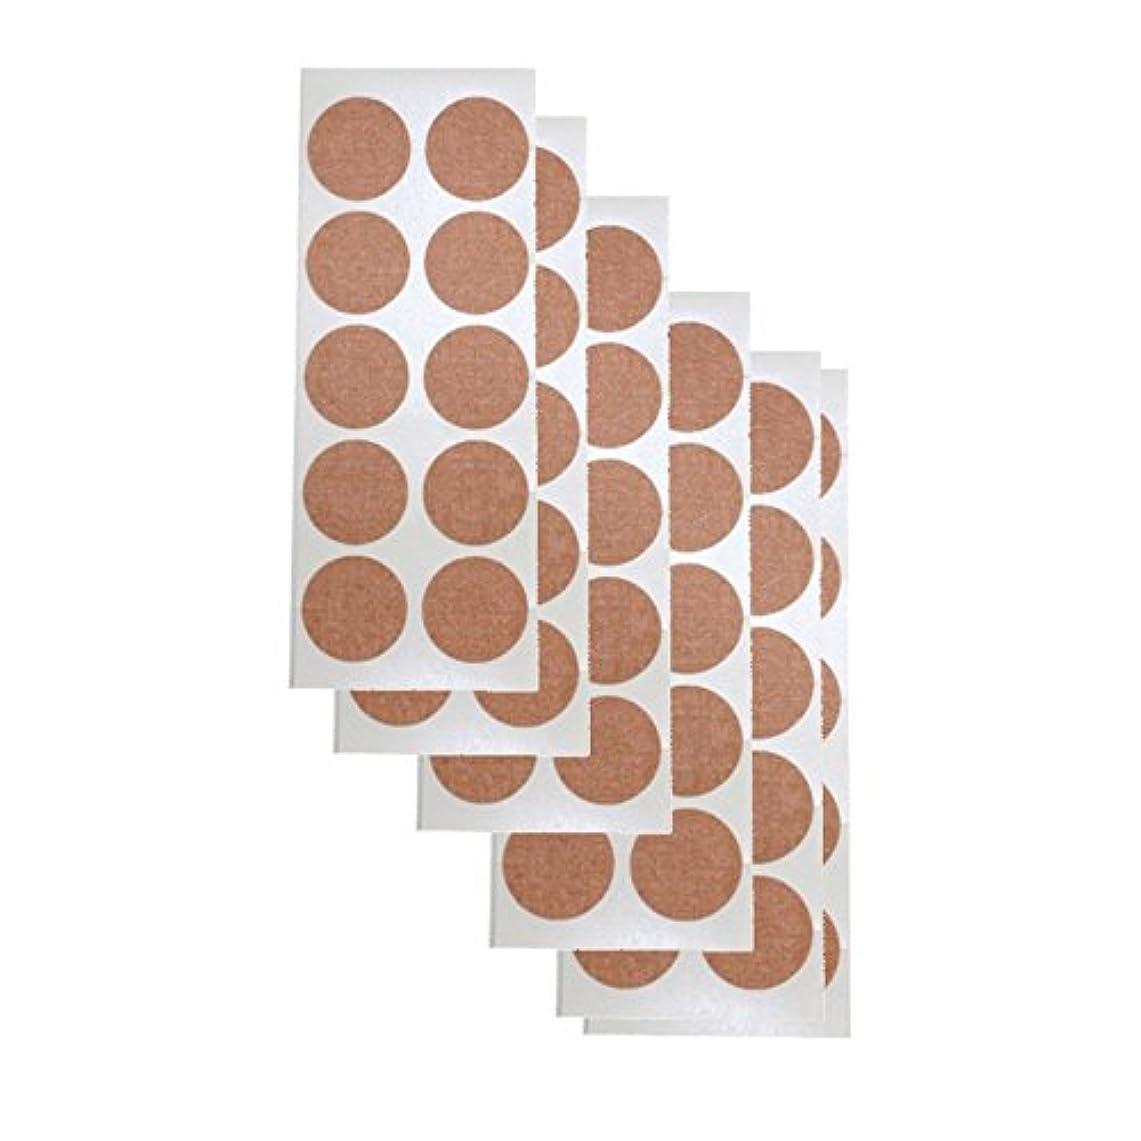 豚肉ペレット六分儀TQチップ 貼り替え用専用シール 効果は半永久的!貼っただけで心身のバランスがとれるTQチップ専用